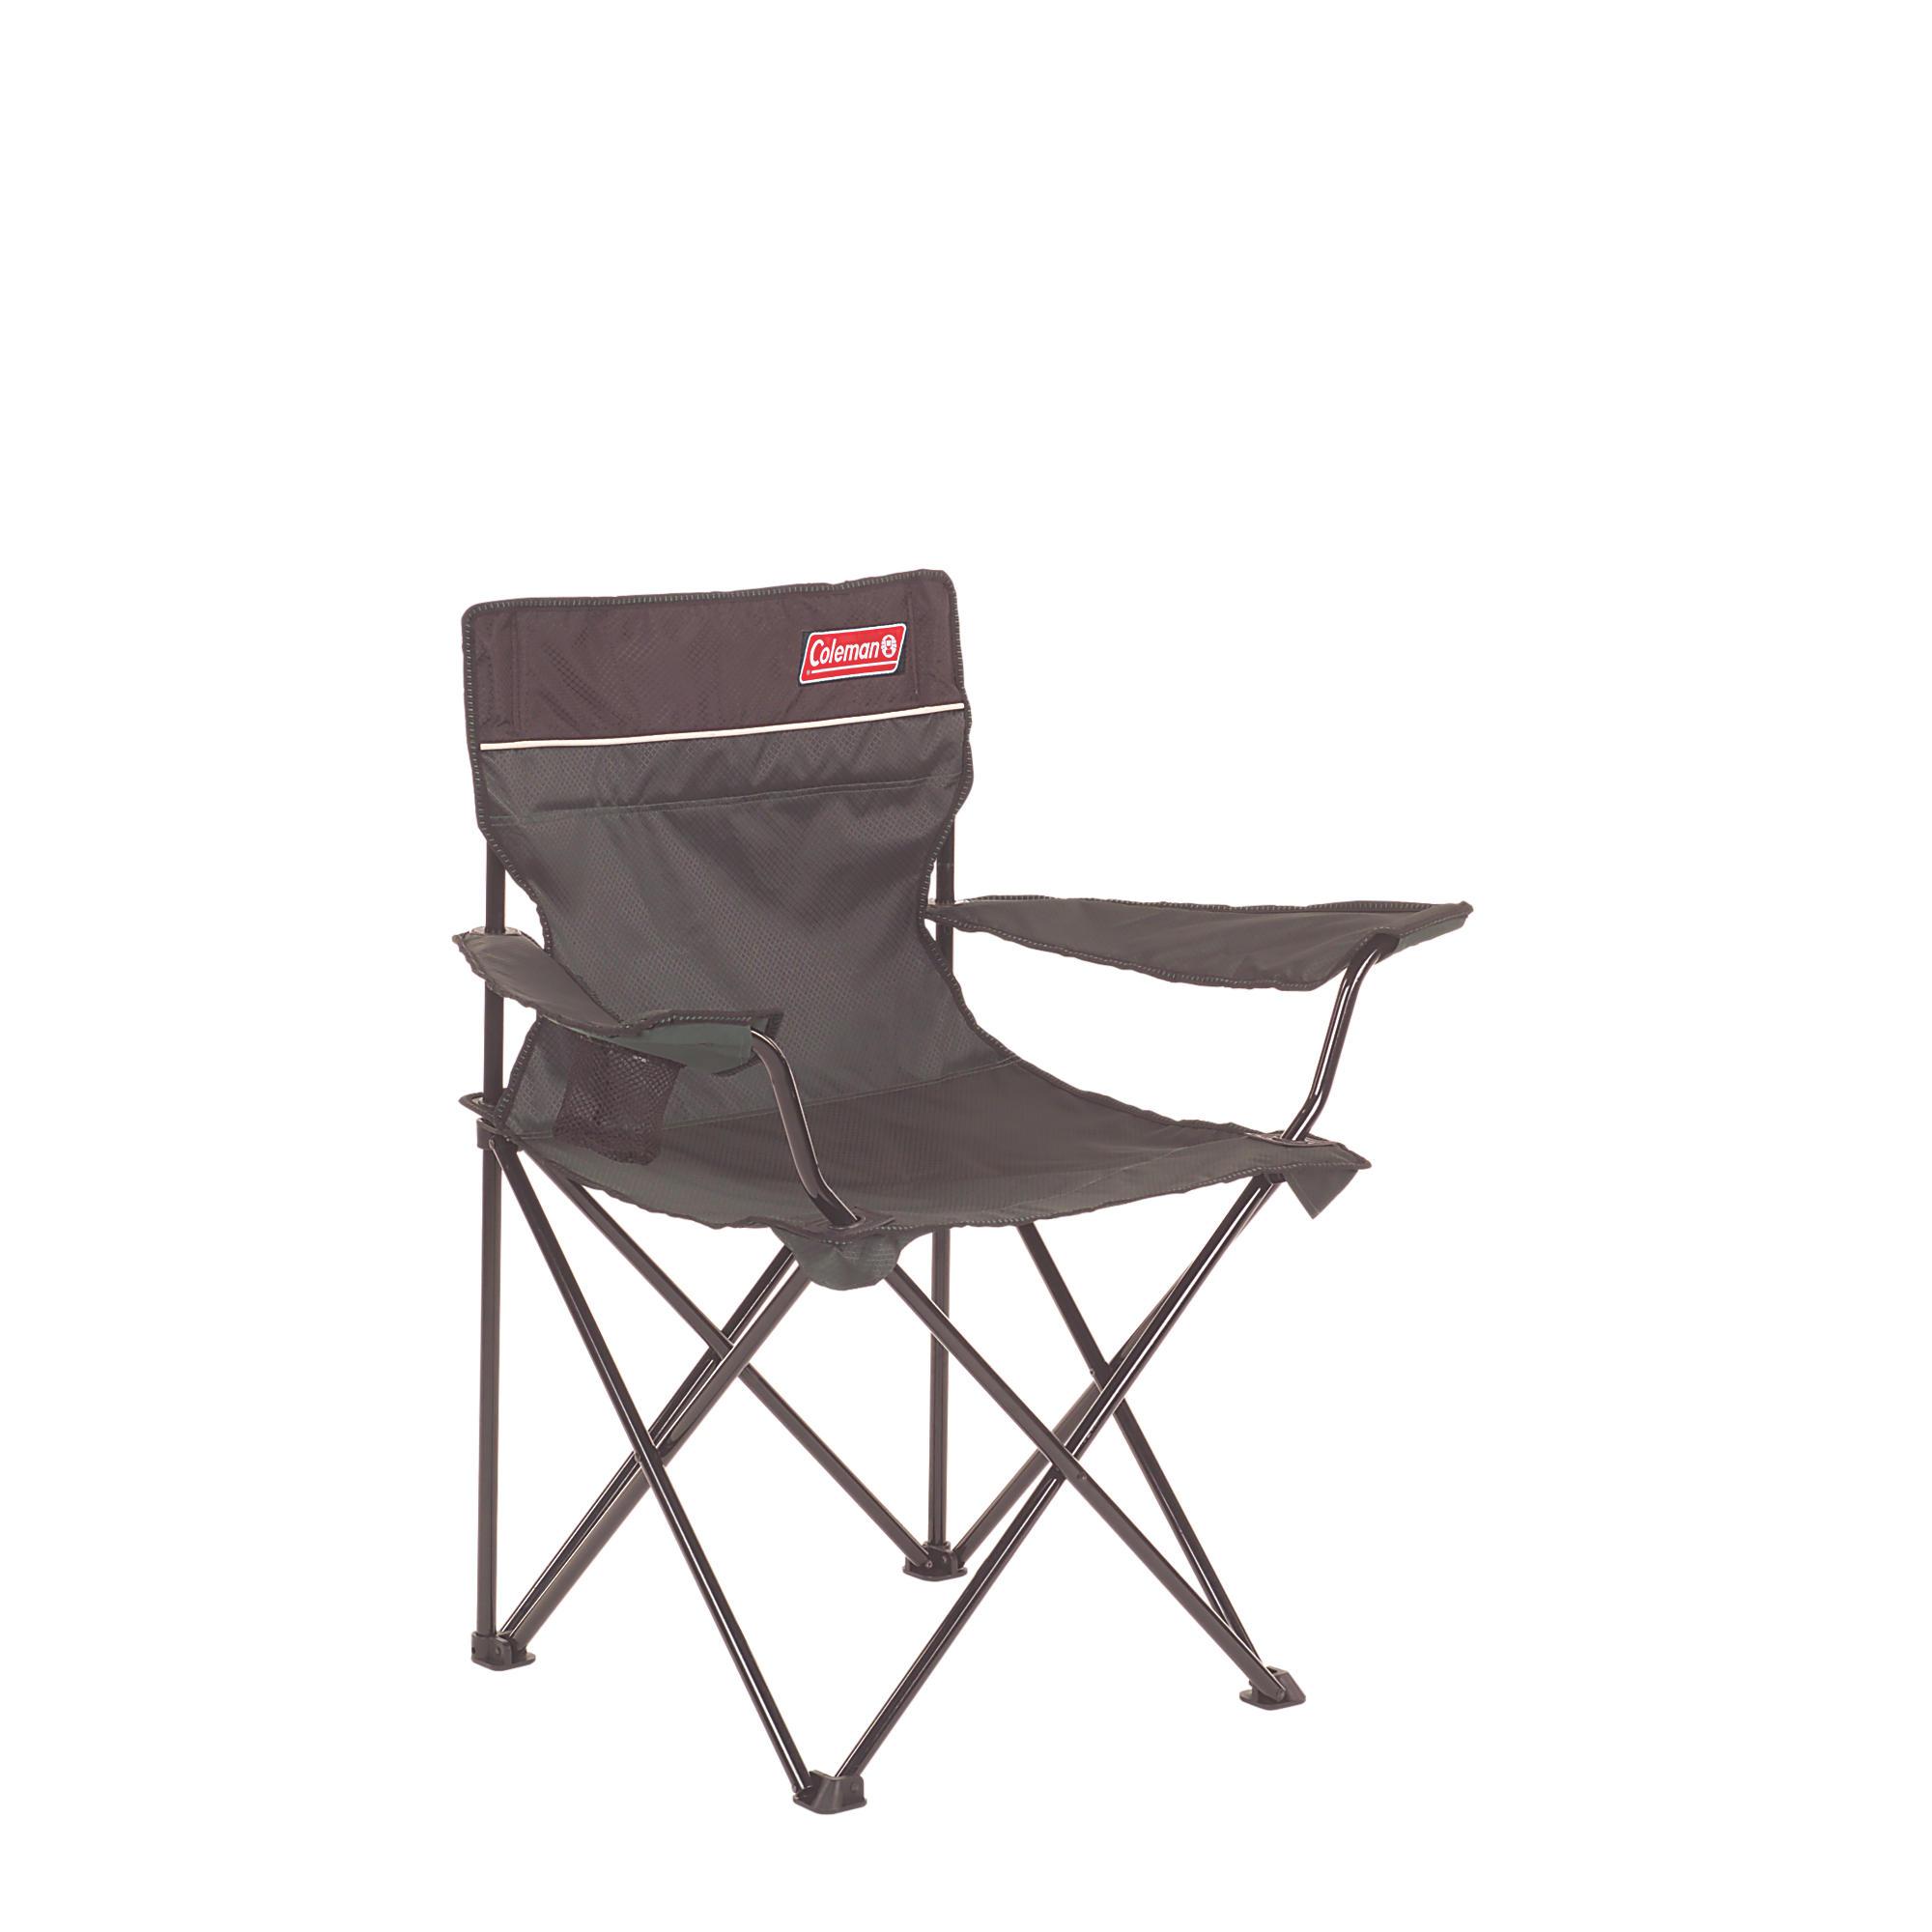 XL Broadband Chair